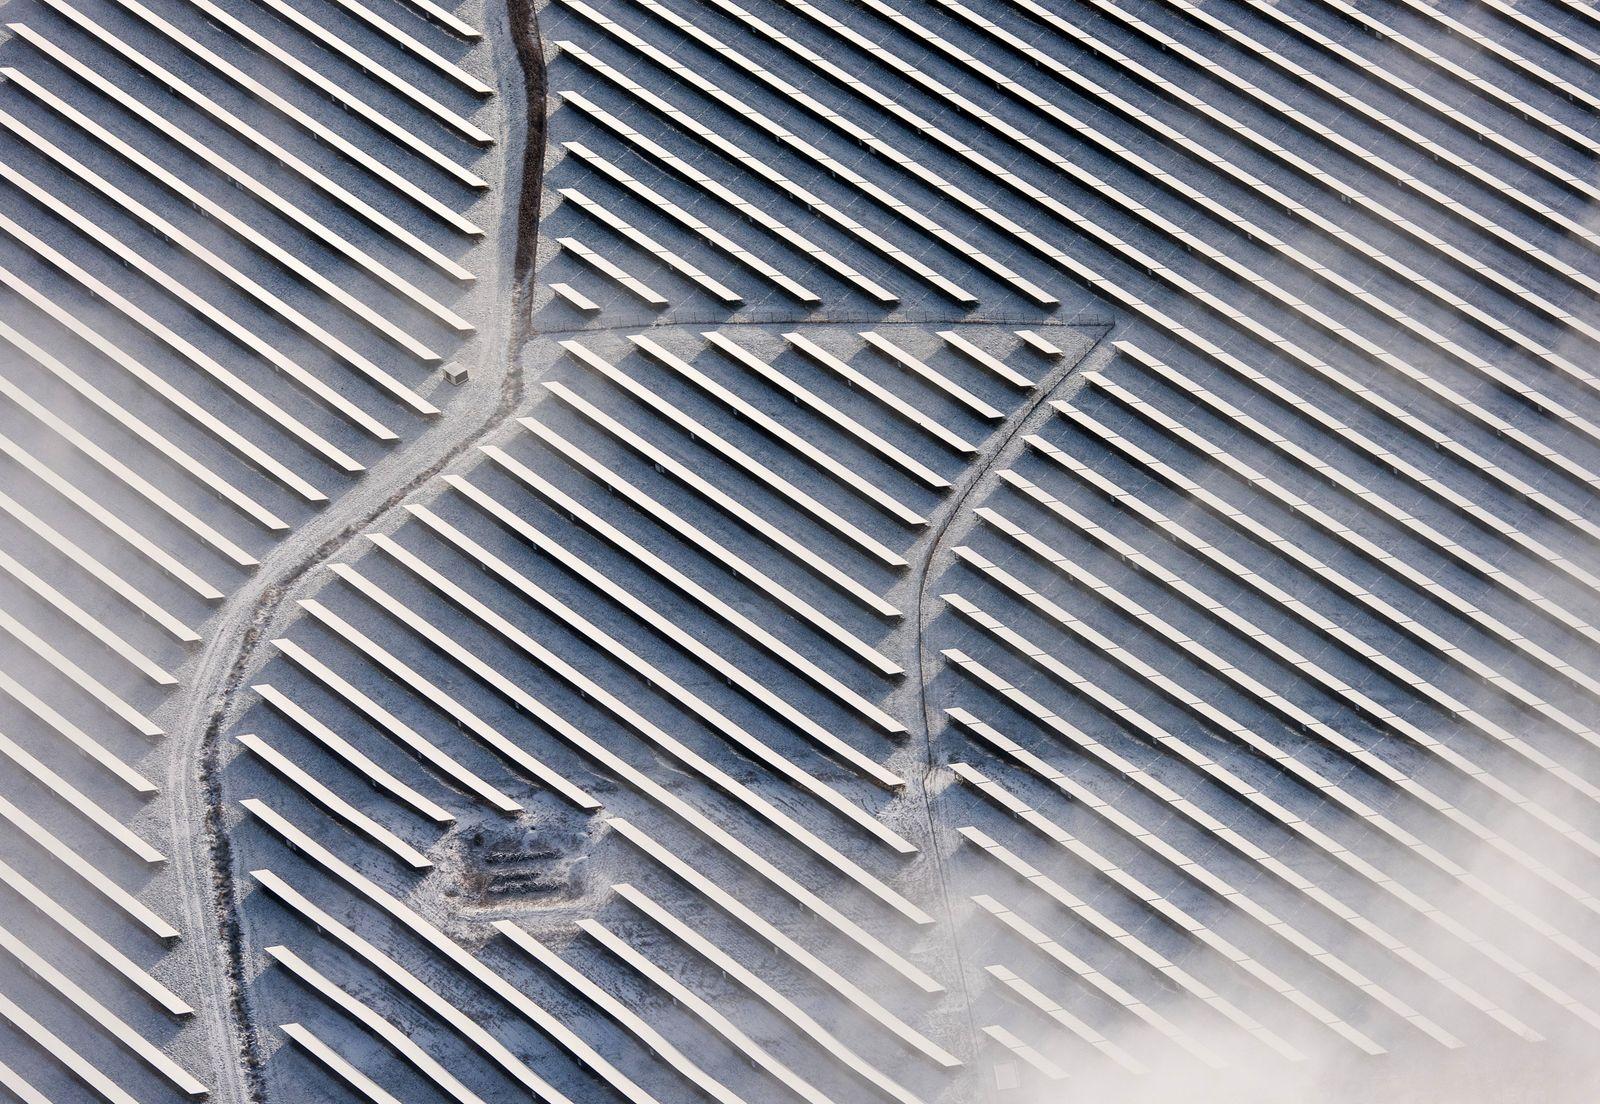 Solarpark im Schnee